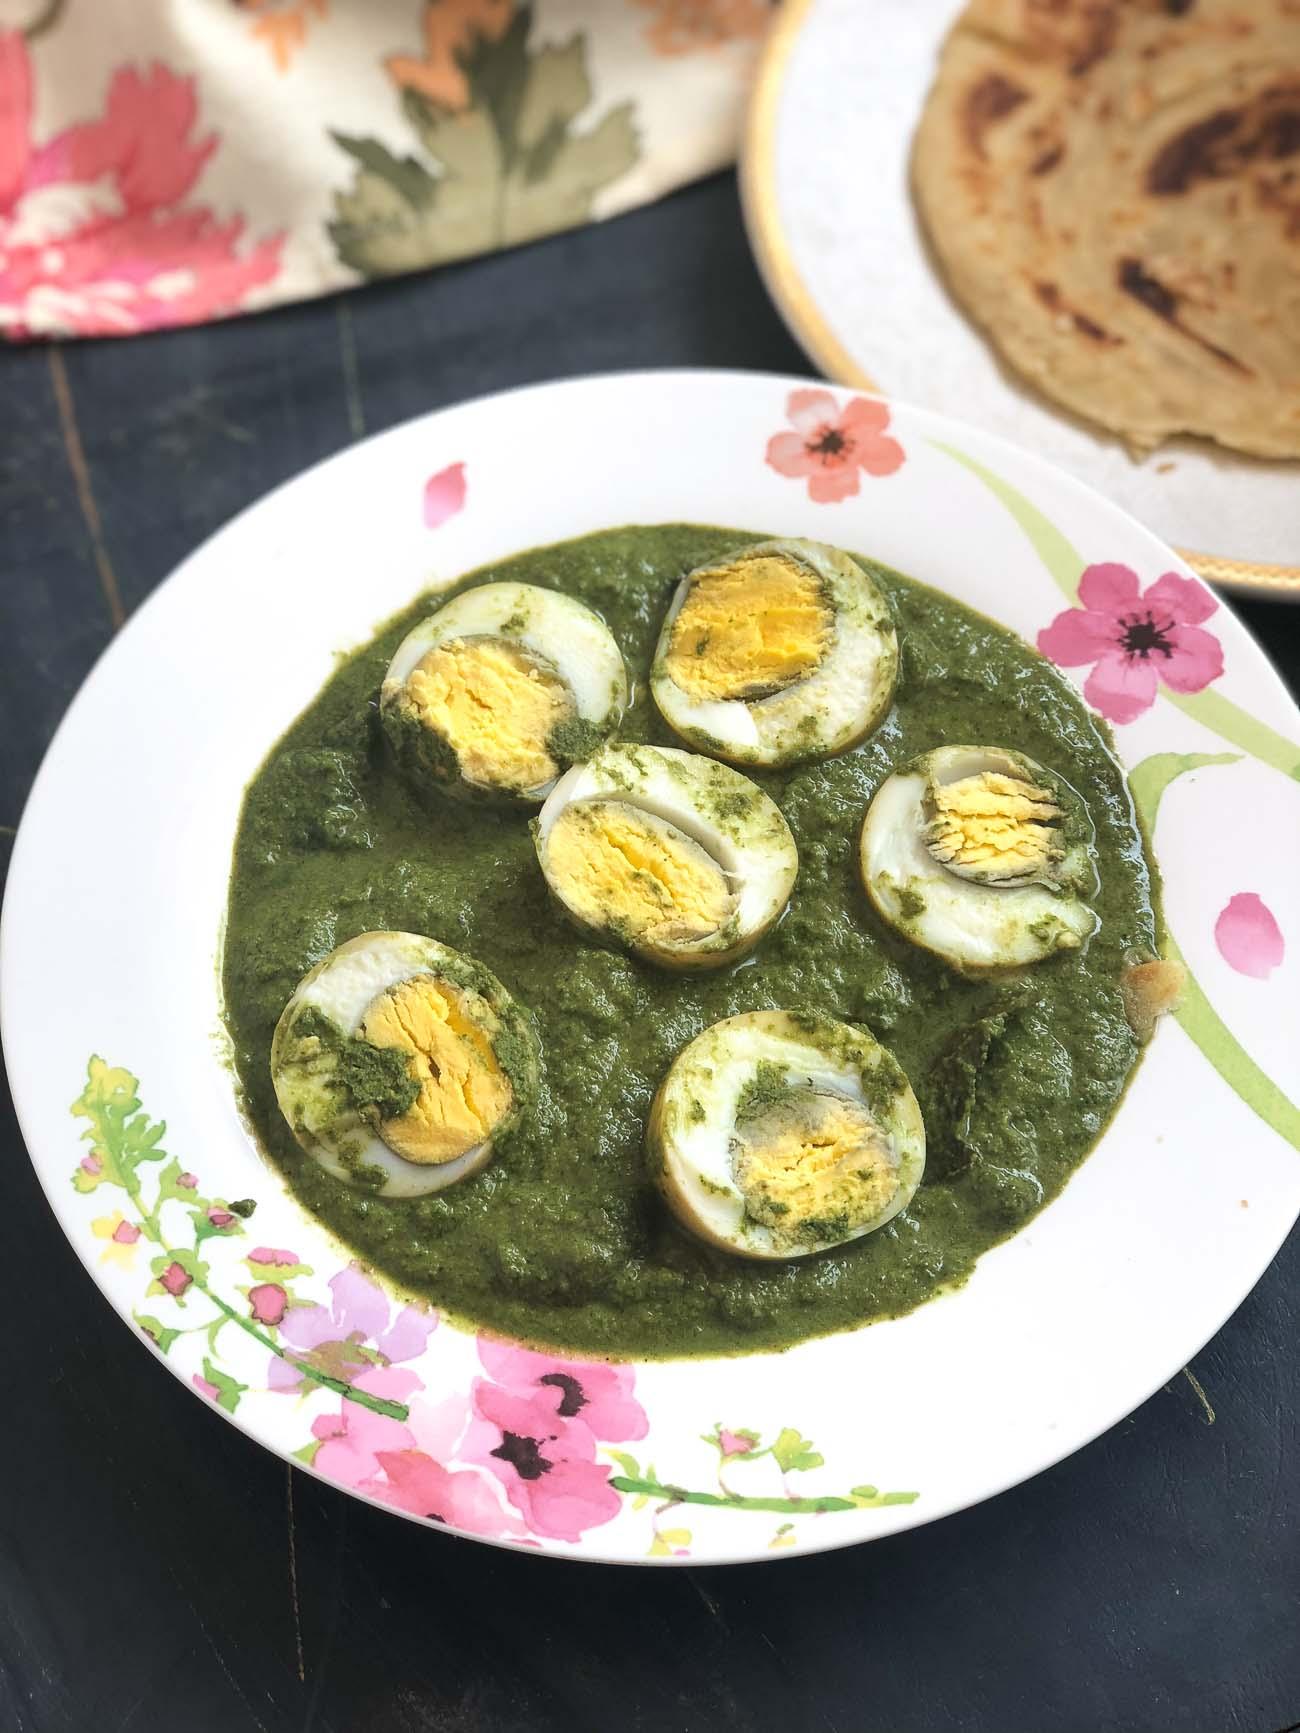 हरियाली अंडे की करी रेसिपी – Hariyali Egg Curry Recipe In Coriander and Mint Gravy